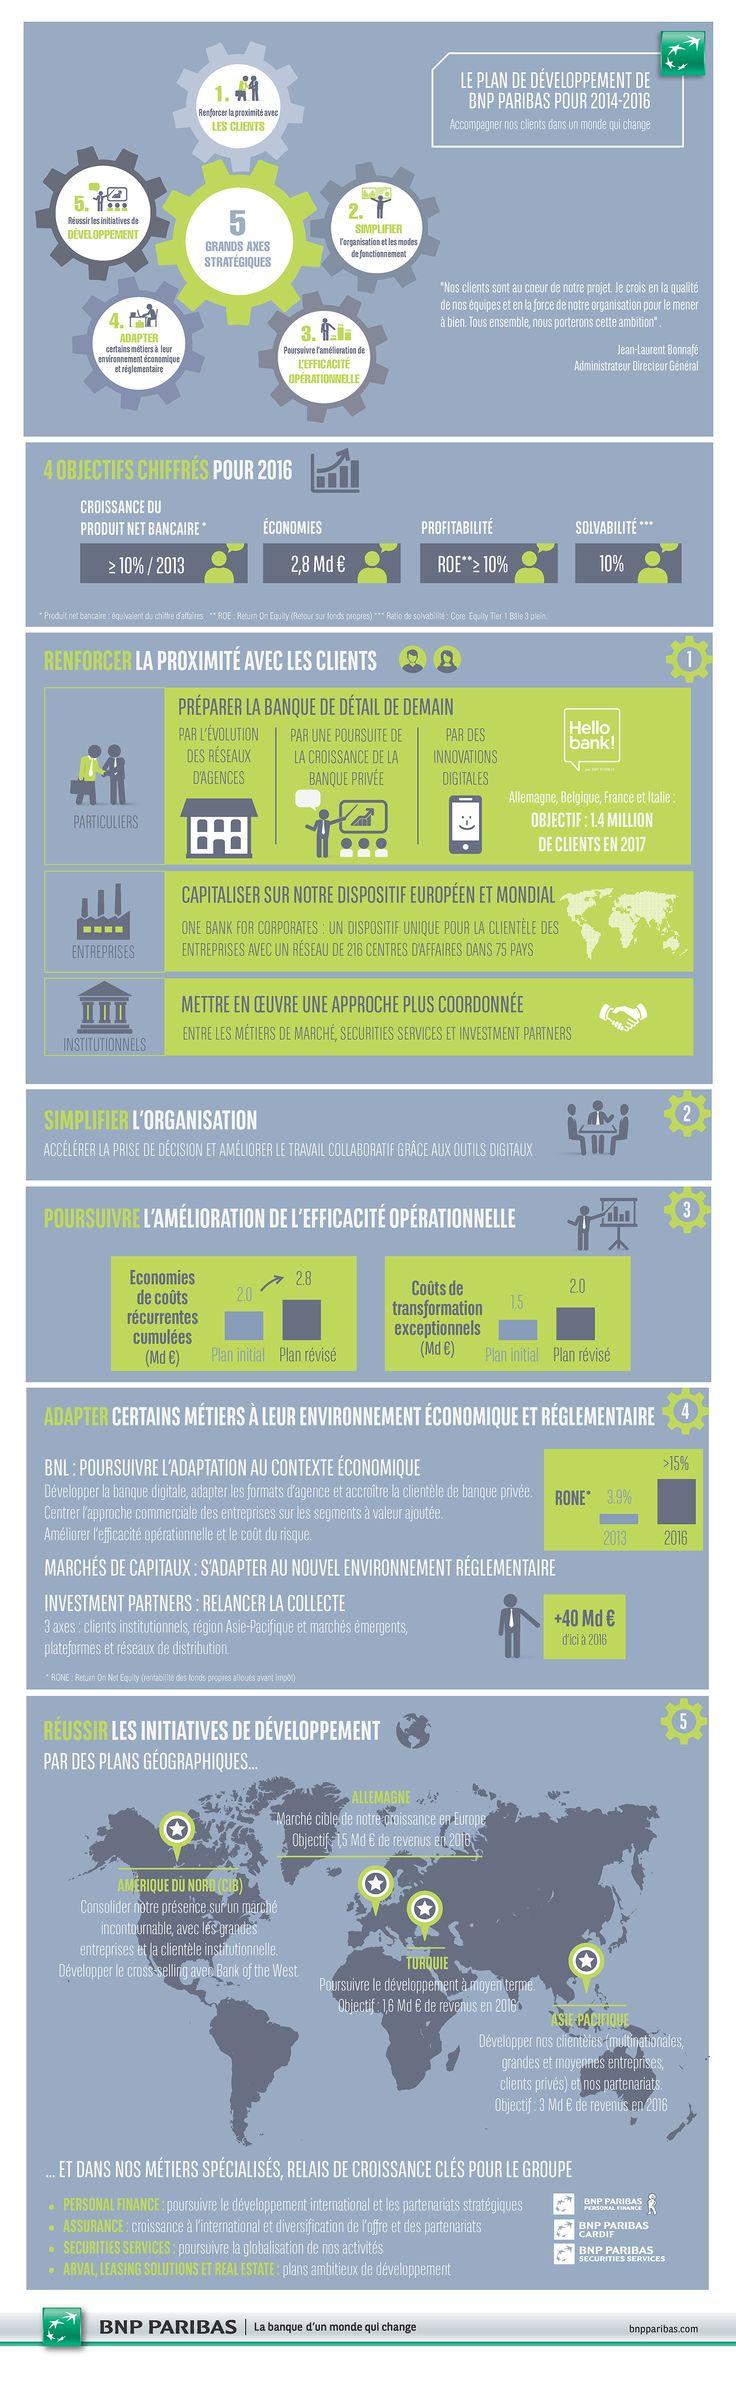 [Infographie] Le Plan de Développement de BNP Paribas pour 2014-2016